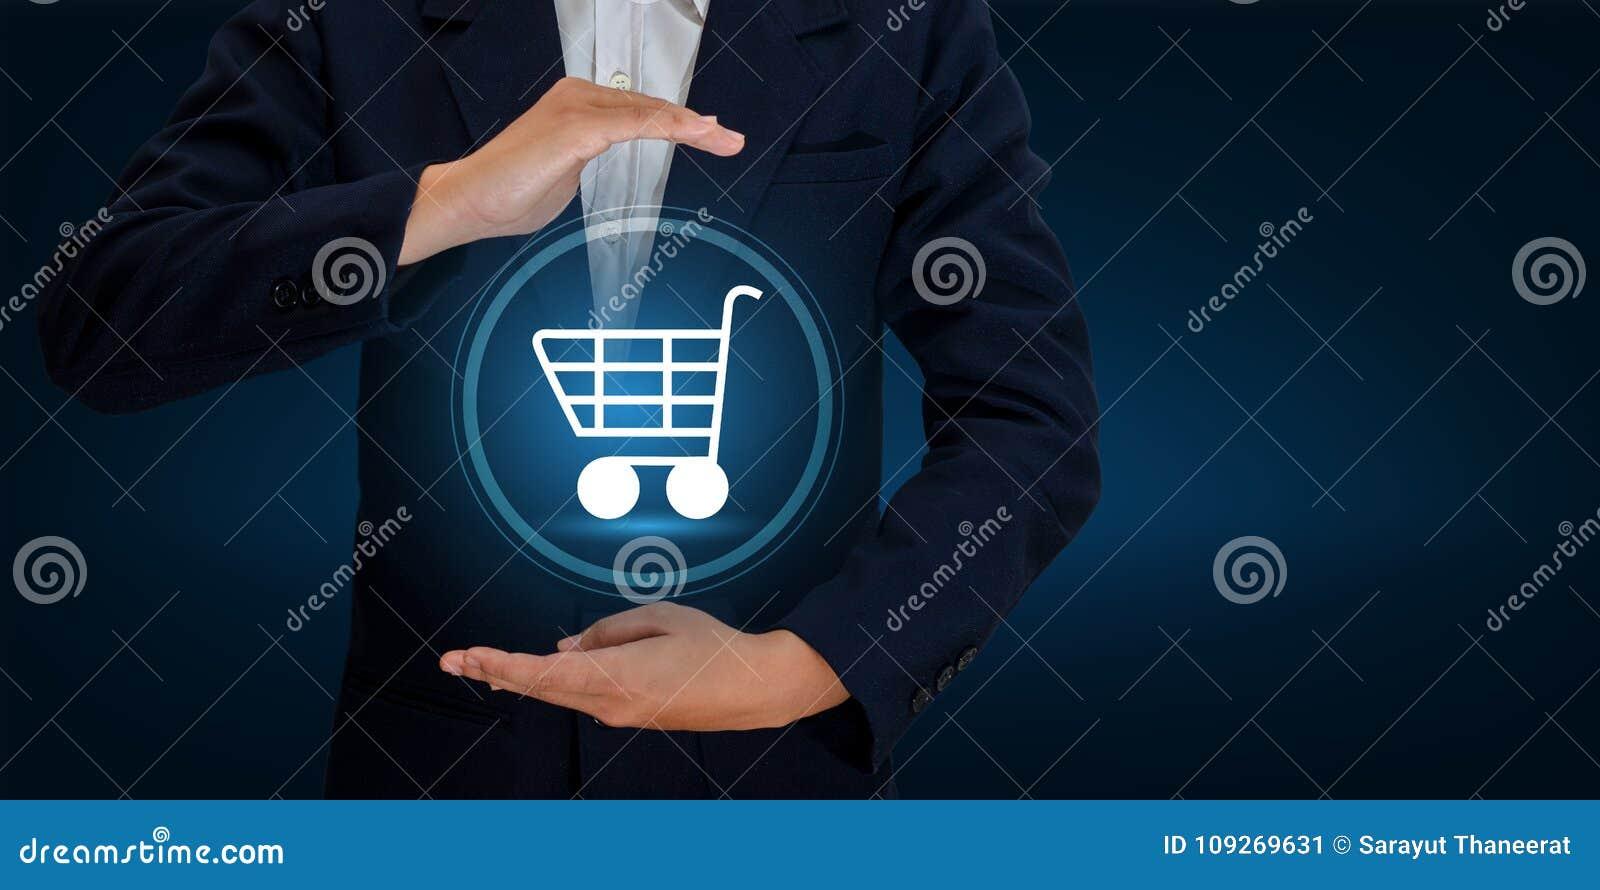 Συναλλαγές διαταγής παγκόσμιων ψηφιακές αγορών τεχνολογίας αγορών κάρρων επιχειρηματιών χεριών στο διαδίκτυο που κάνει εμπόριο στ